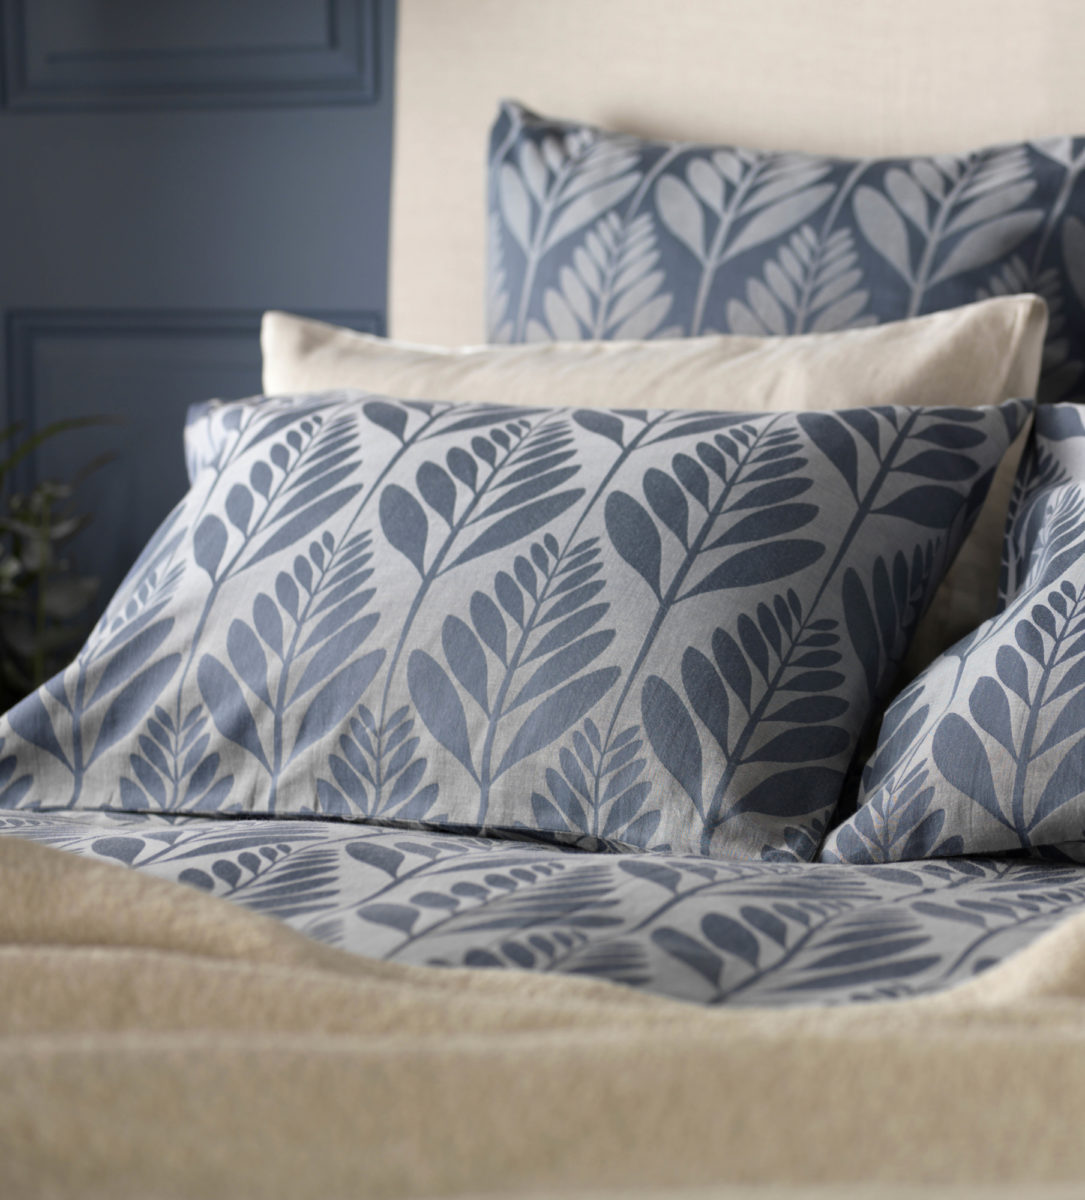 cover set bath melange pdx duvet ombre piece bed home